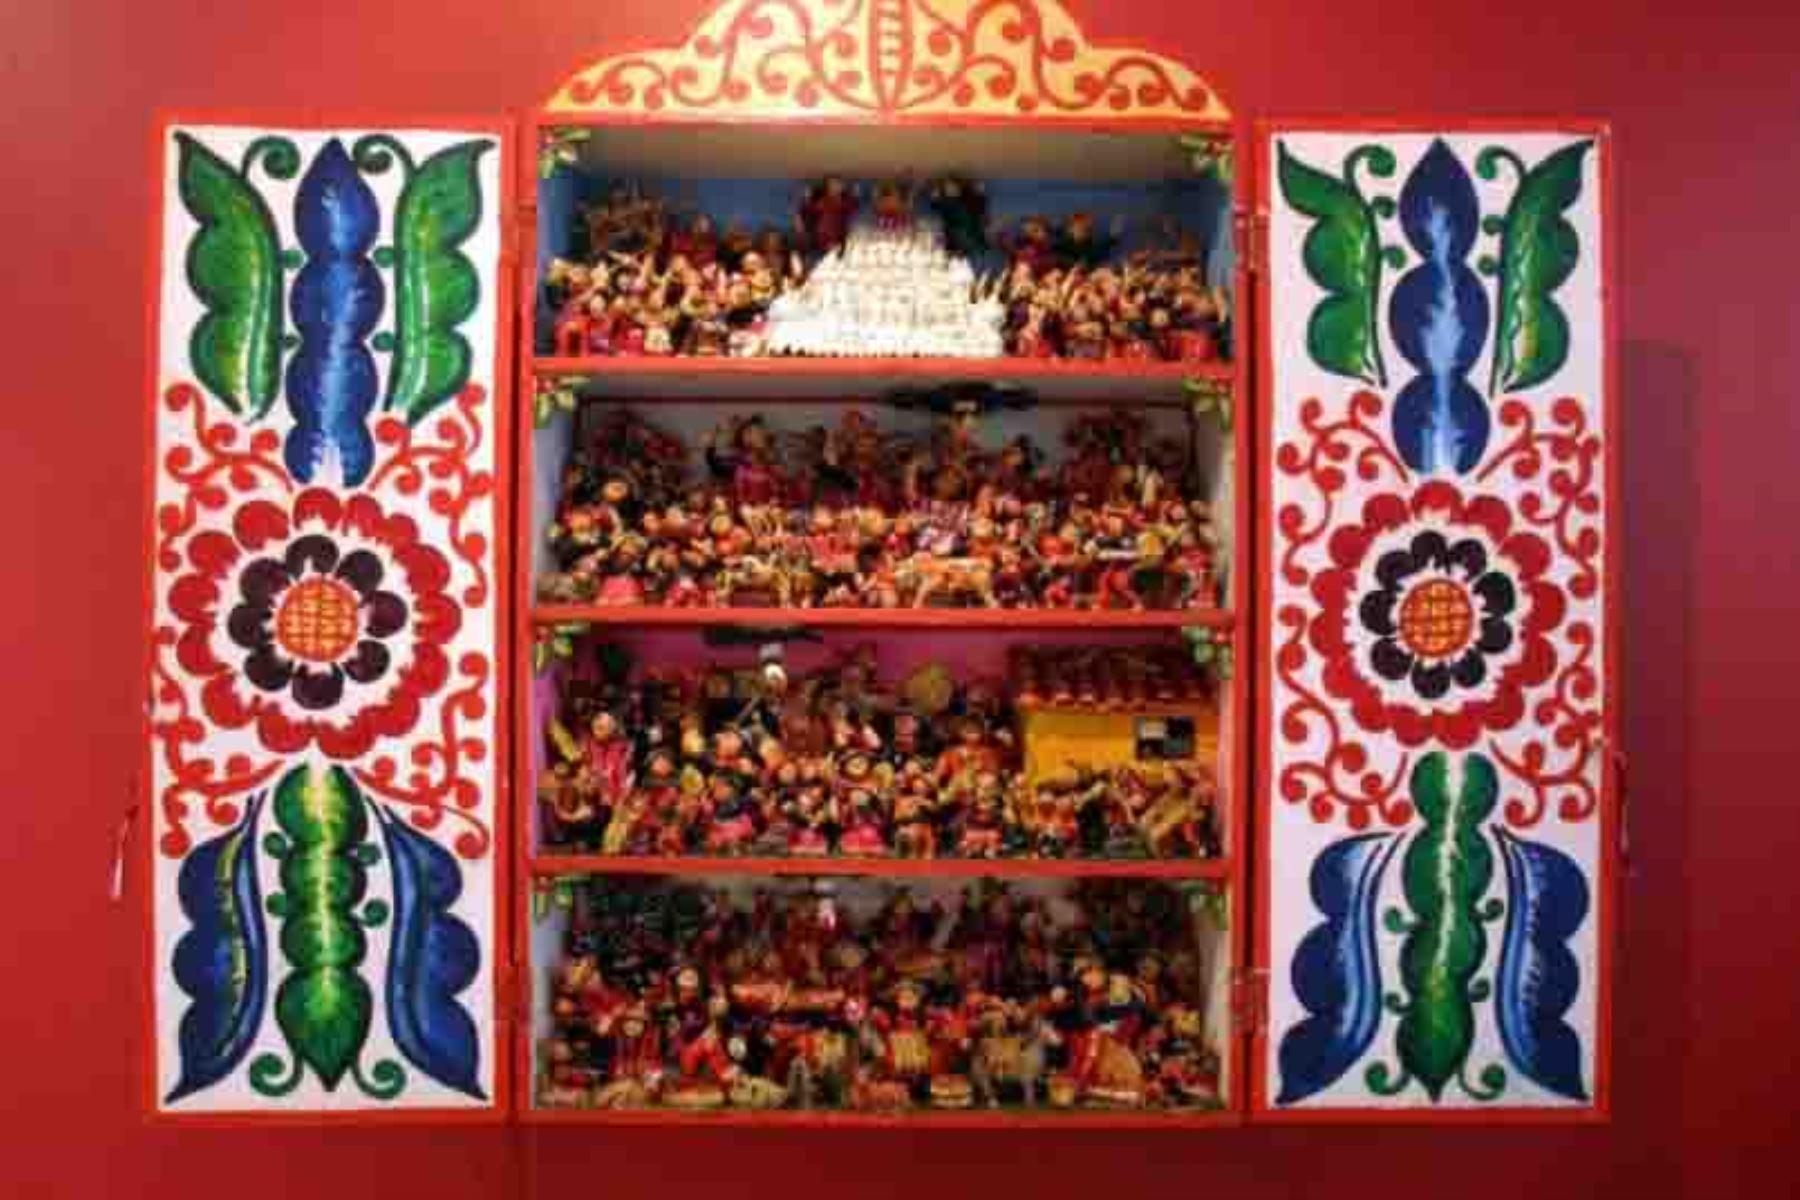 El retablo ayacuchano es, desde junio de este año, Patrimonio Cultural de la Nación y representa una de las mayores expresiones del sincretismo cultural y religioso andino en nuestro país. ANDINA/Difusión